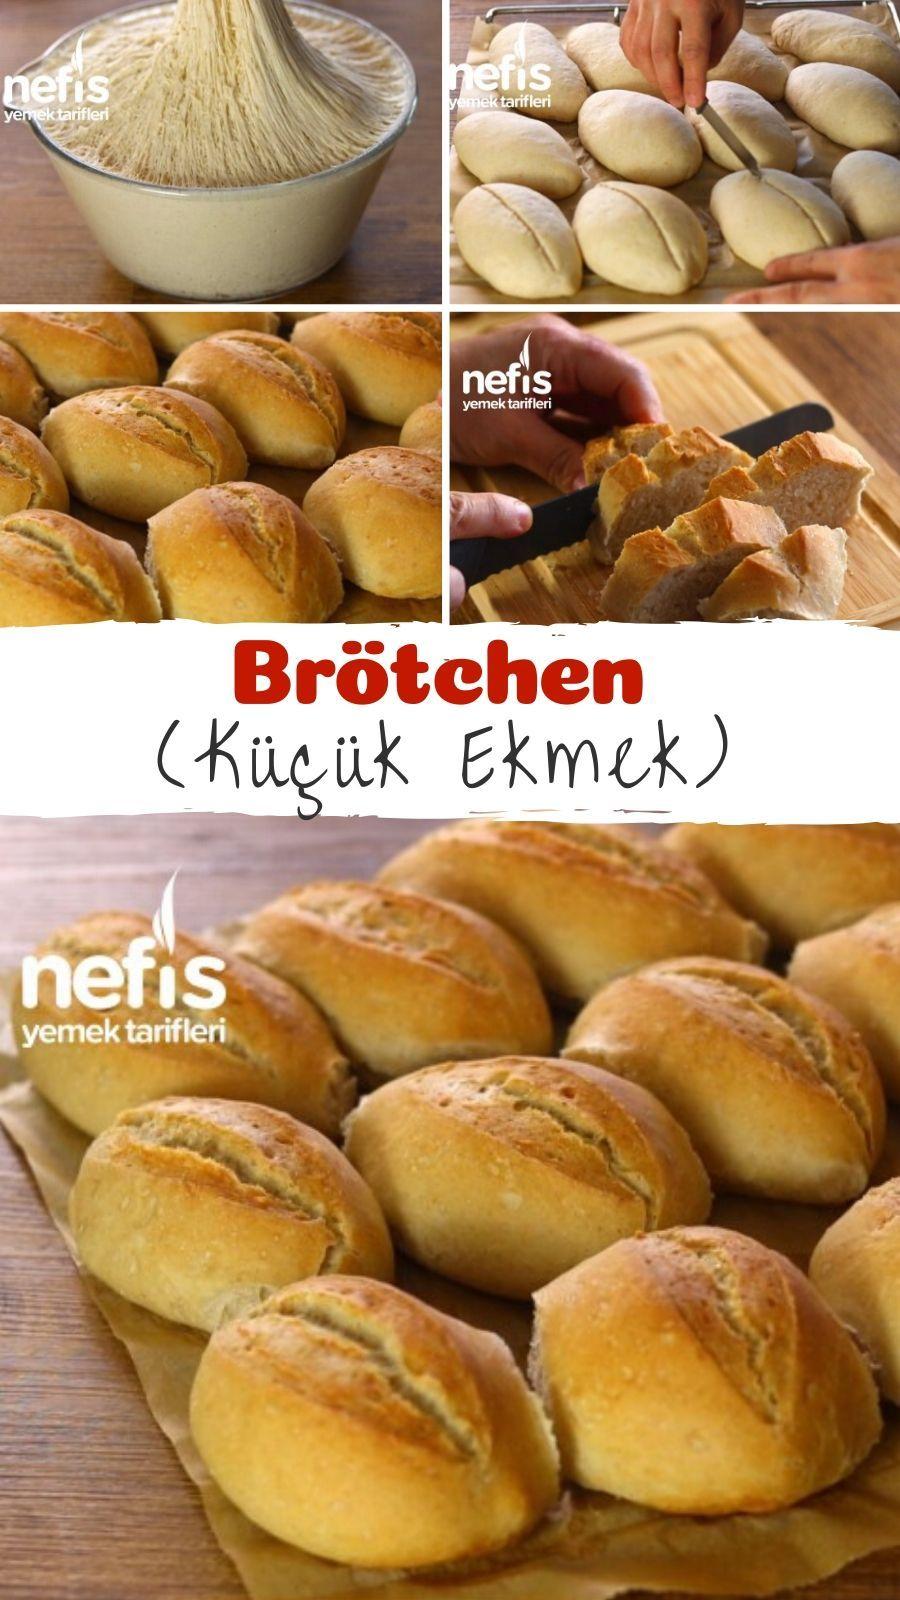 Brötchen (Küçük Ekmek) - Nefis Yemek Tarifleri - - #birthdaycelebration #b...